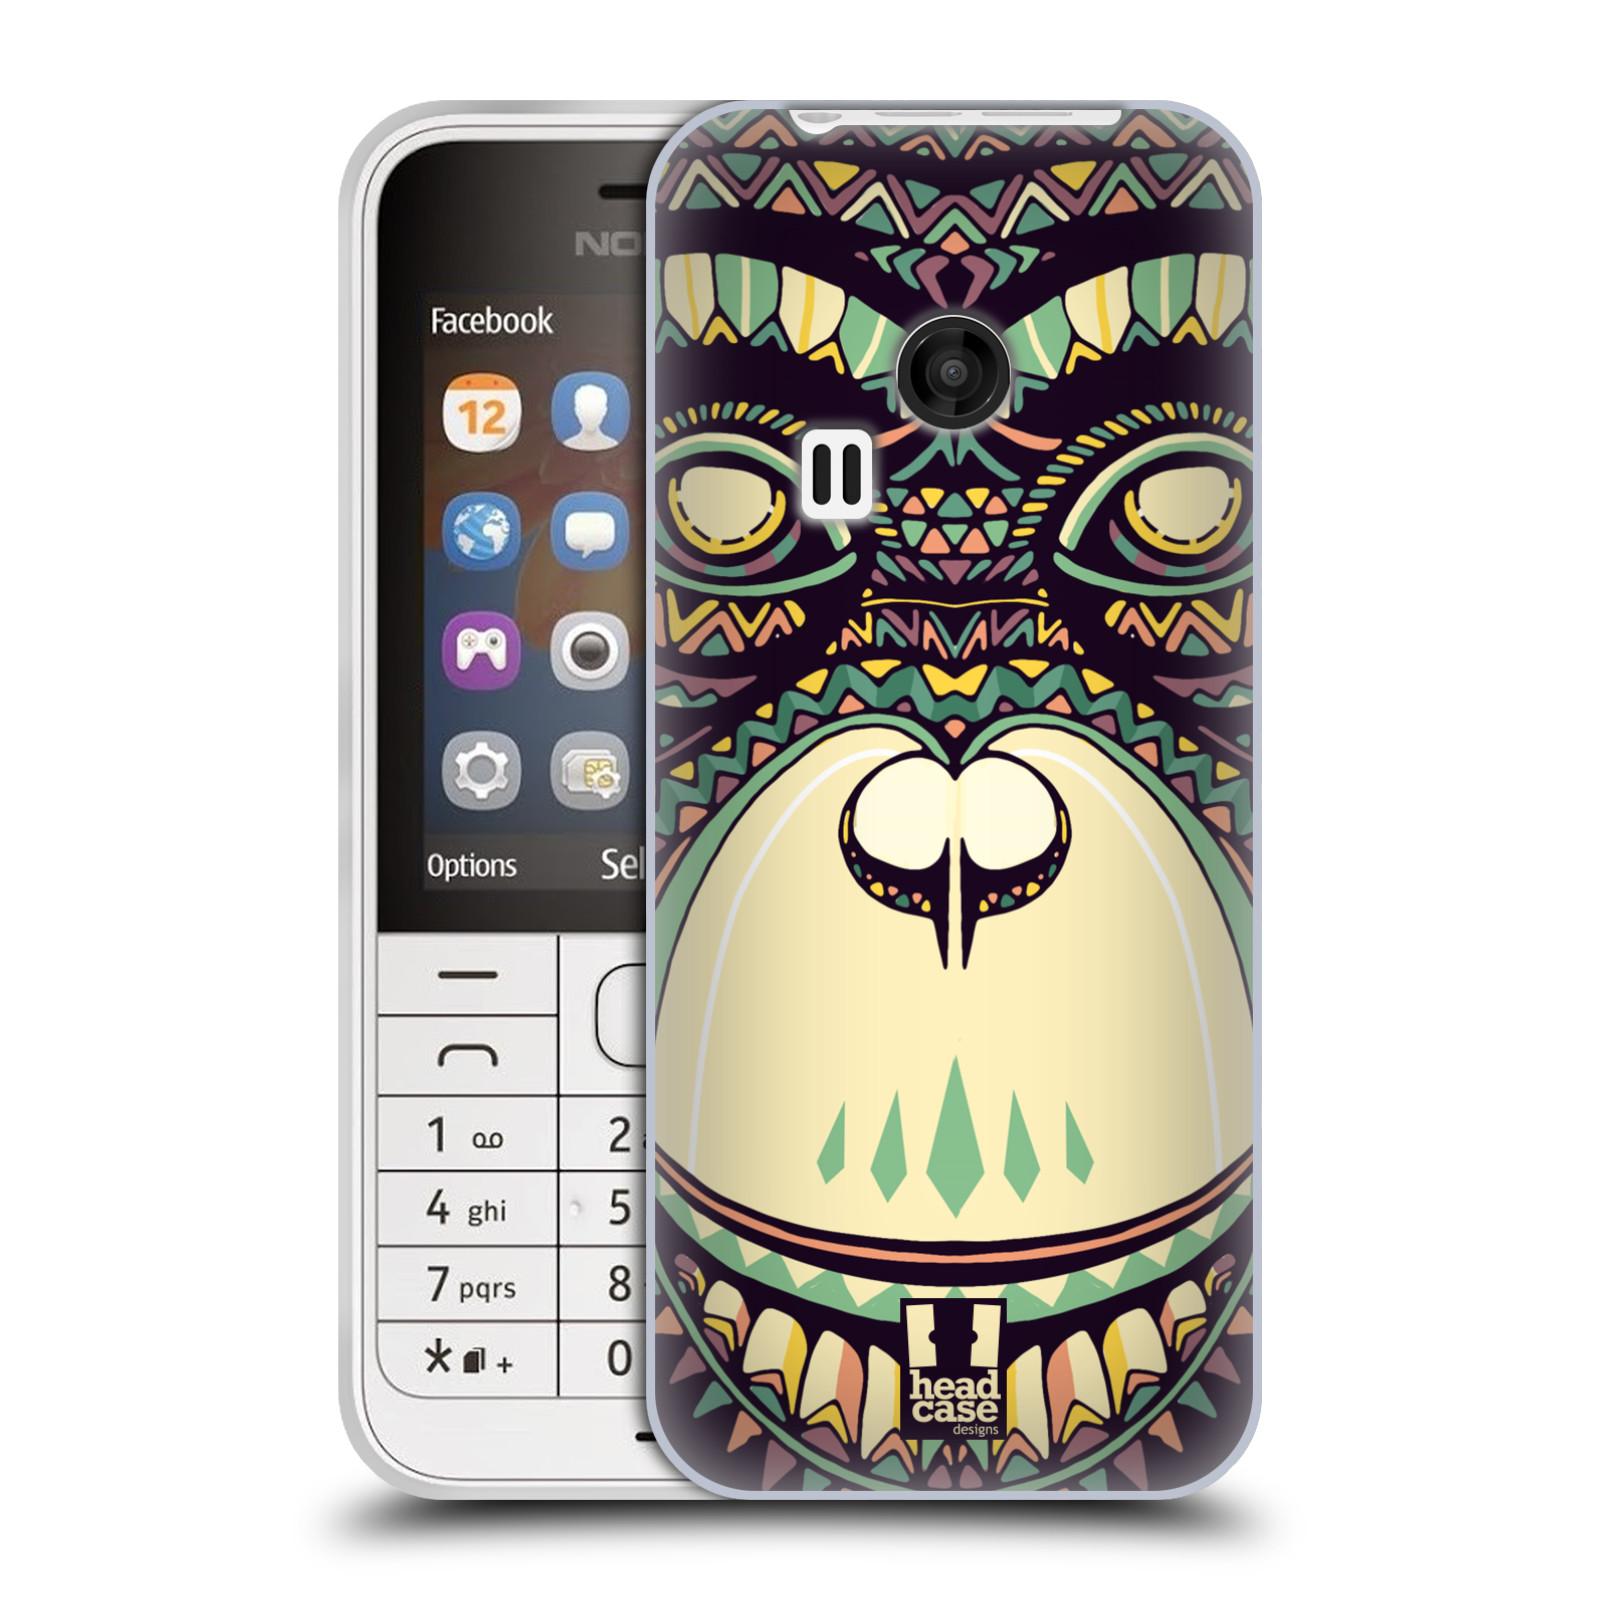 HEAD CASE silikonový obal na mobil NOKIA 220 / NOKIA 220 DUAL SIM vzor Aztécký motiv zvíře 3 šimpanz